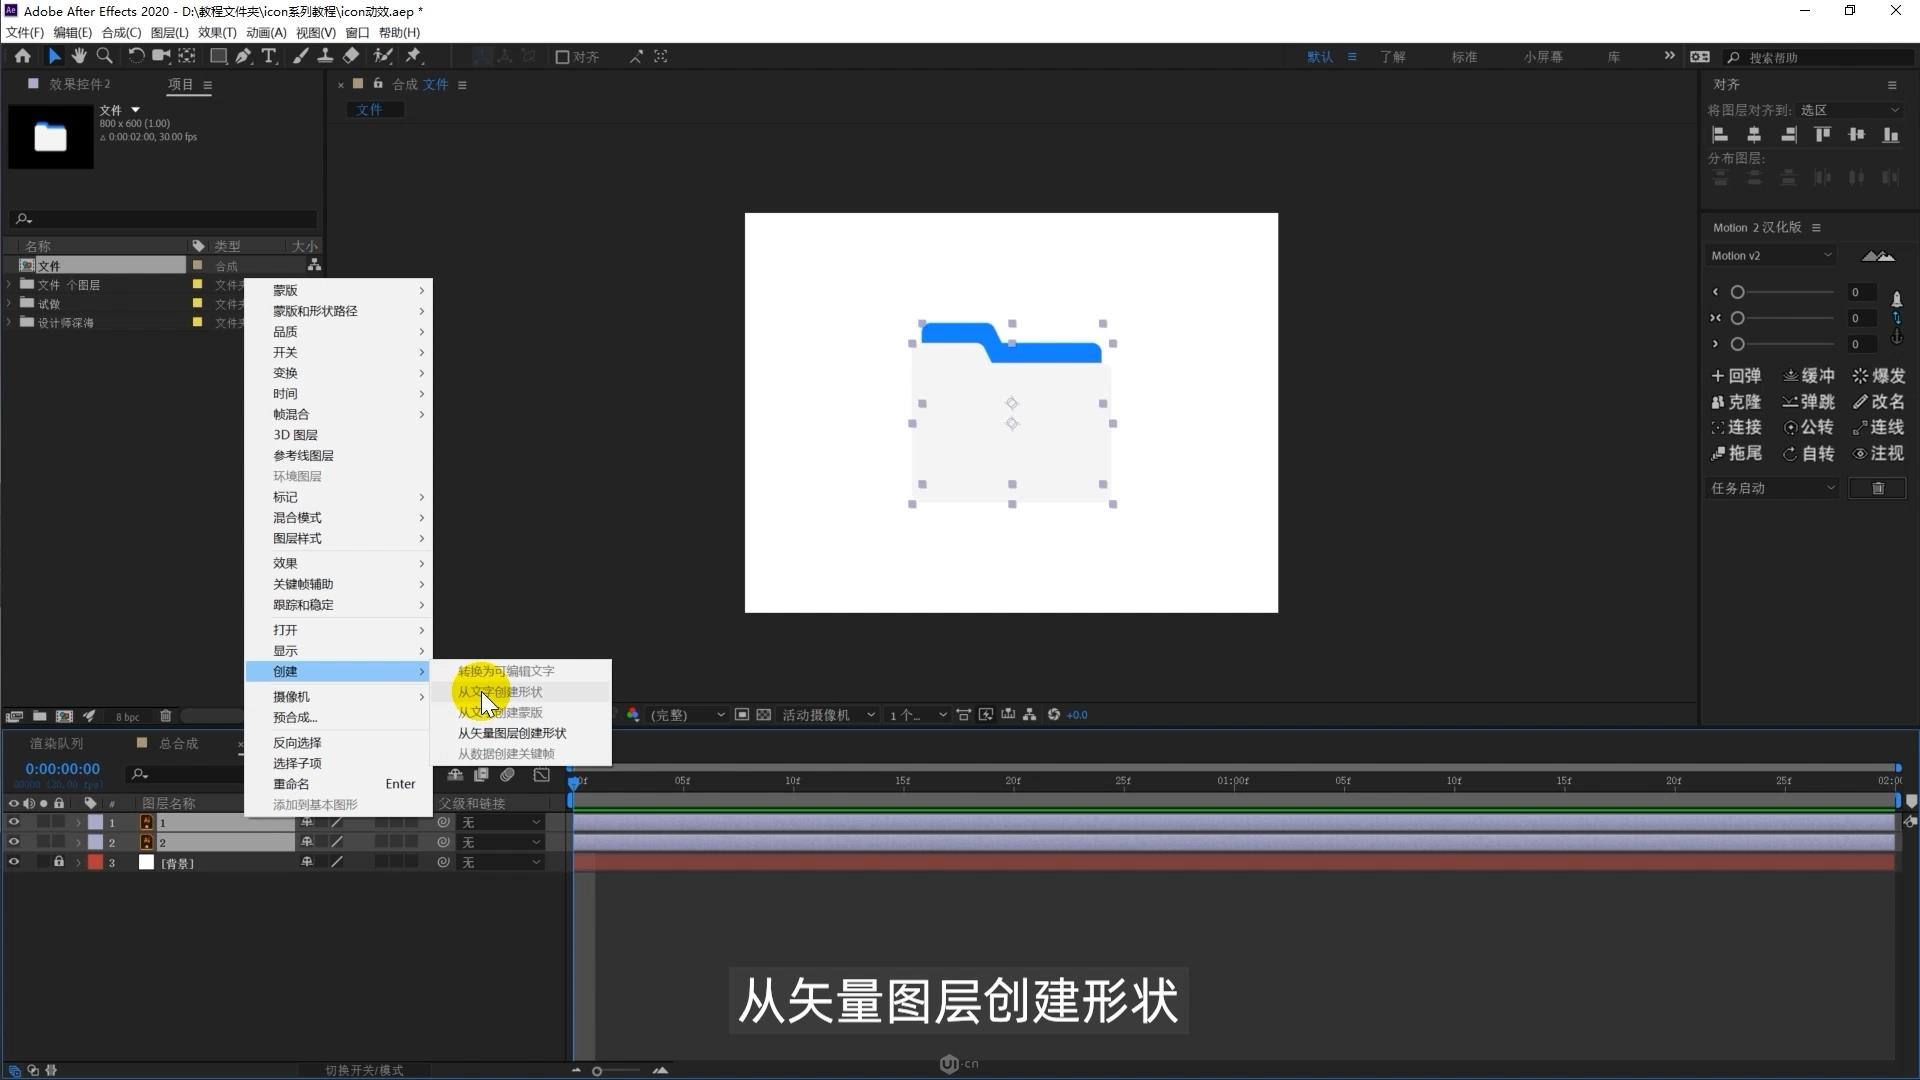 AE如何制作毛玻璃风格图标动效(6)